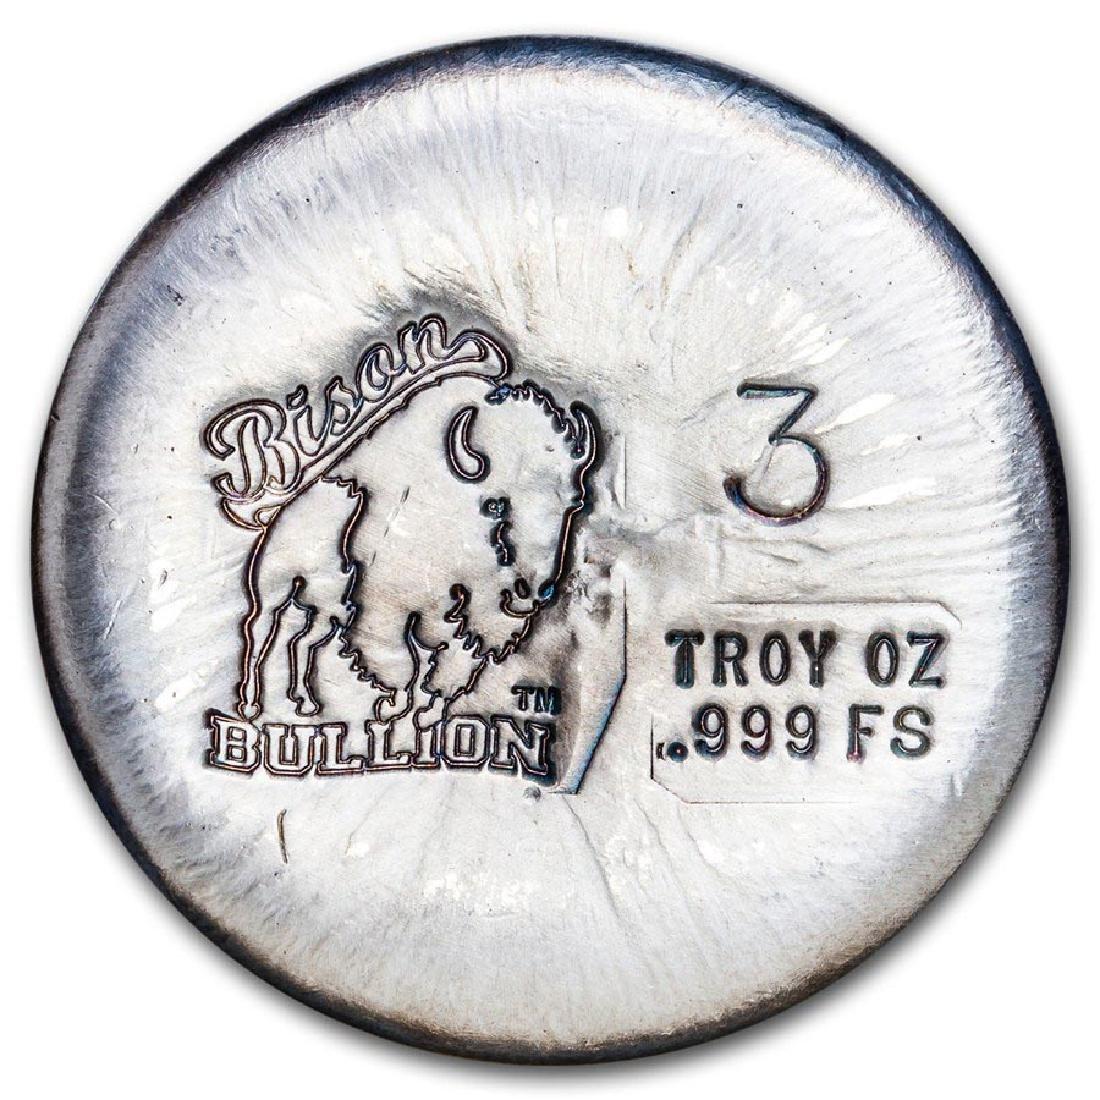 3 oz Silver Round - Bison Bullion